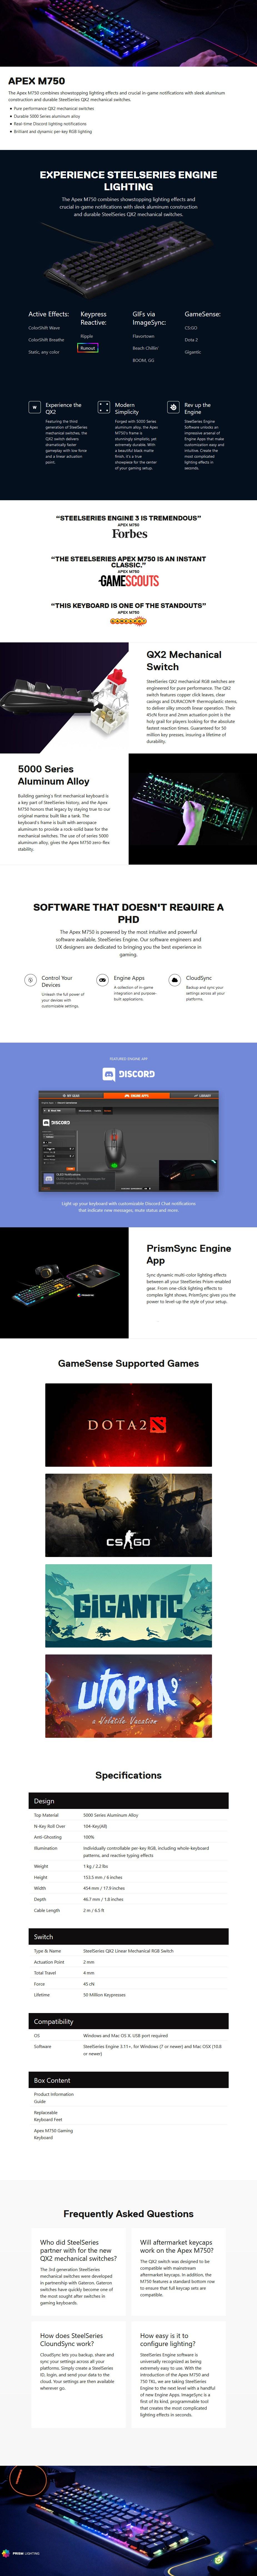 SteelSeries Apex M750 RGB Mechanical Gaming Keyboard - Desktop Overview 1